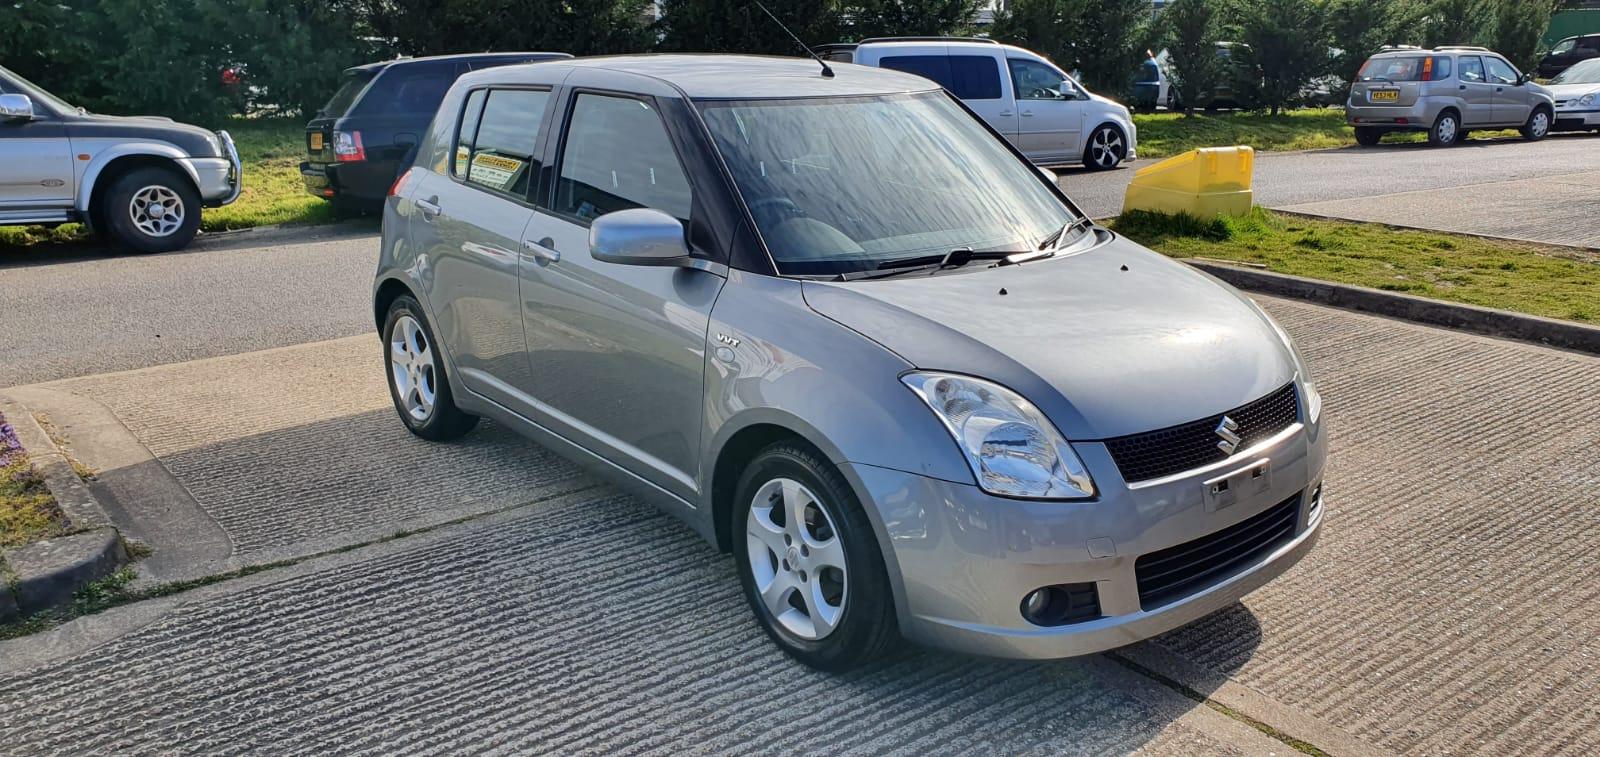 2006/56 Suzuki Swift GLX, 1.5 Petrol, Manual, 74200 Miles, Full History